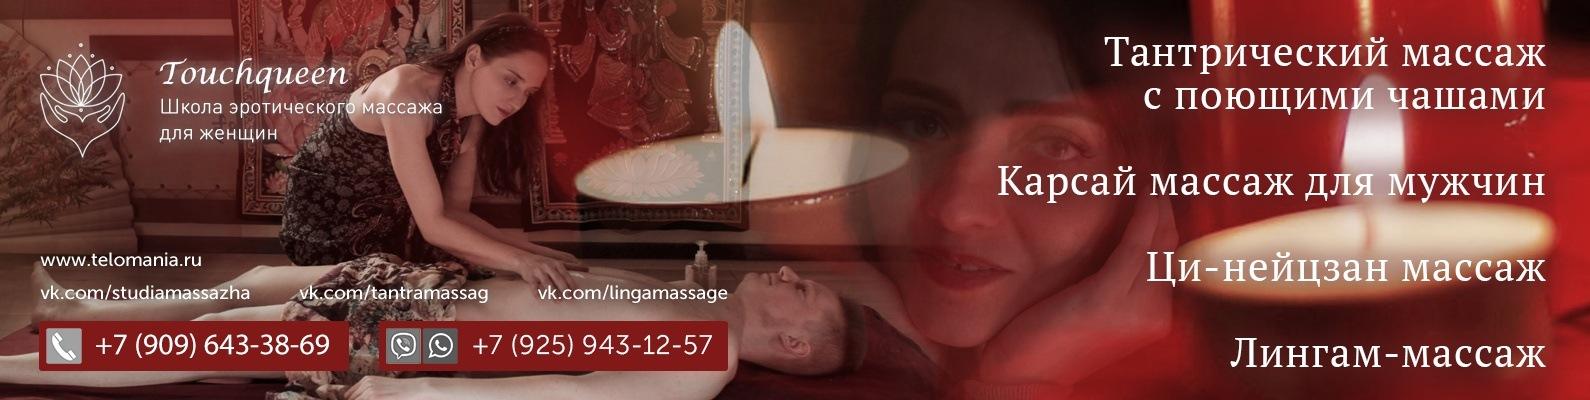 Глубокий массаж минет при слабой эрекции #6